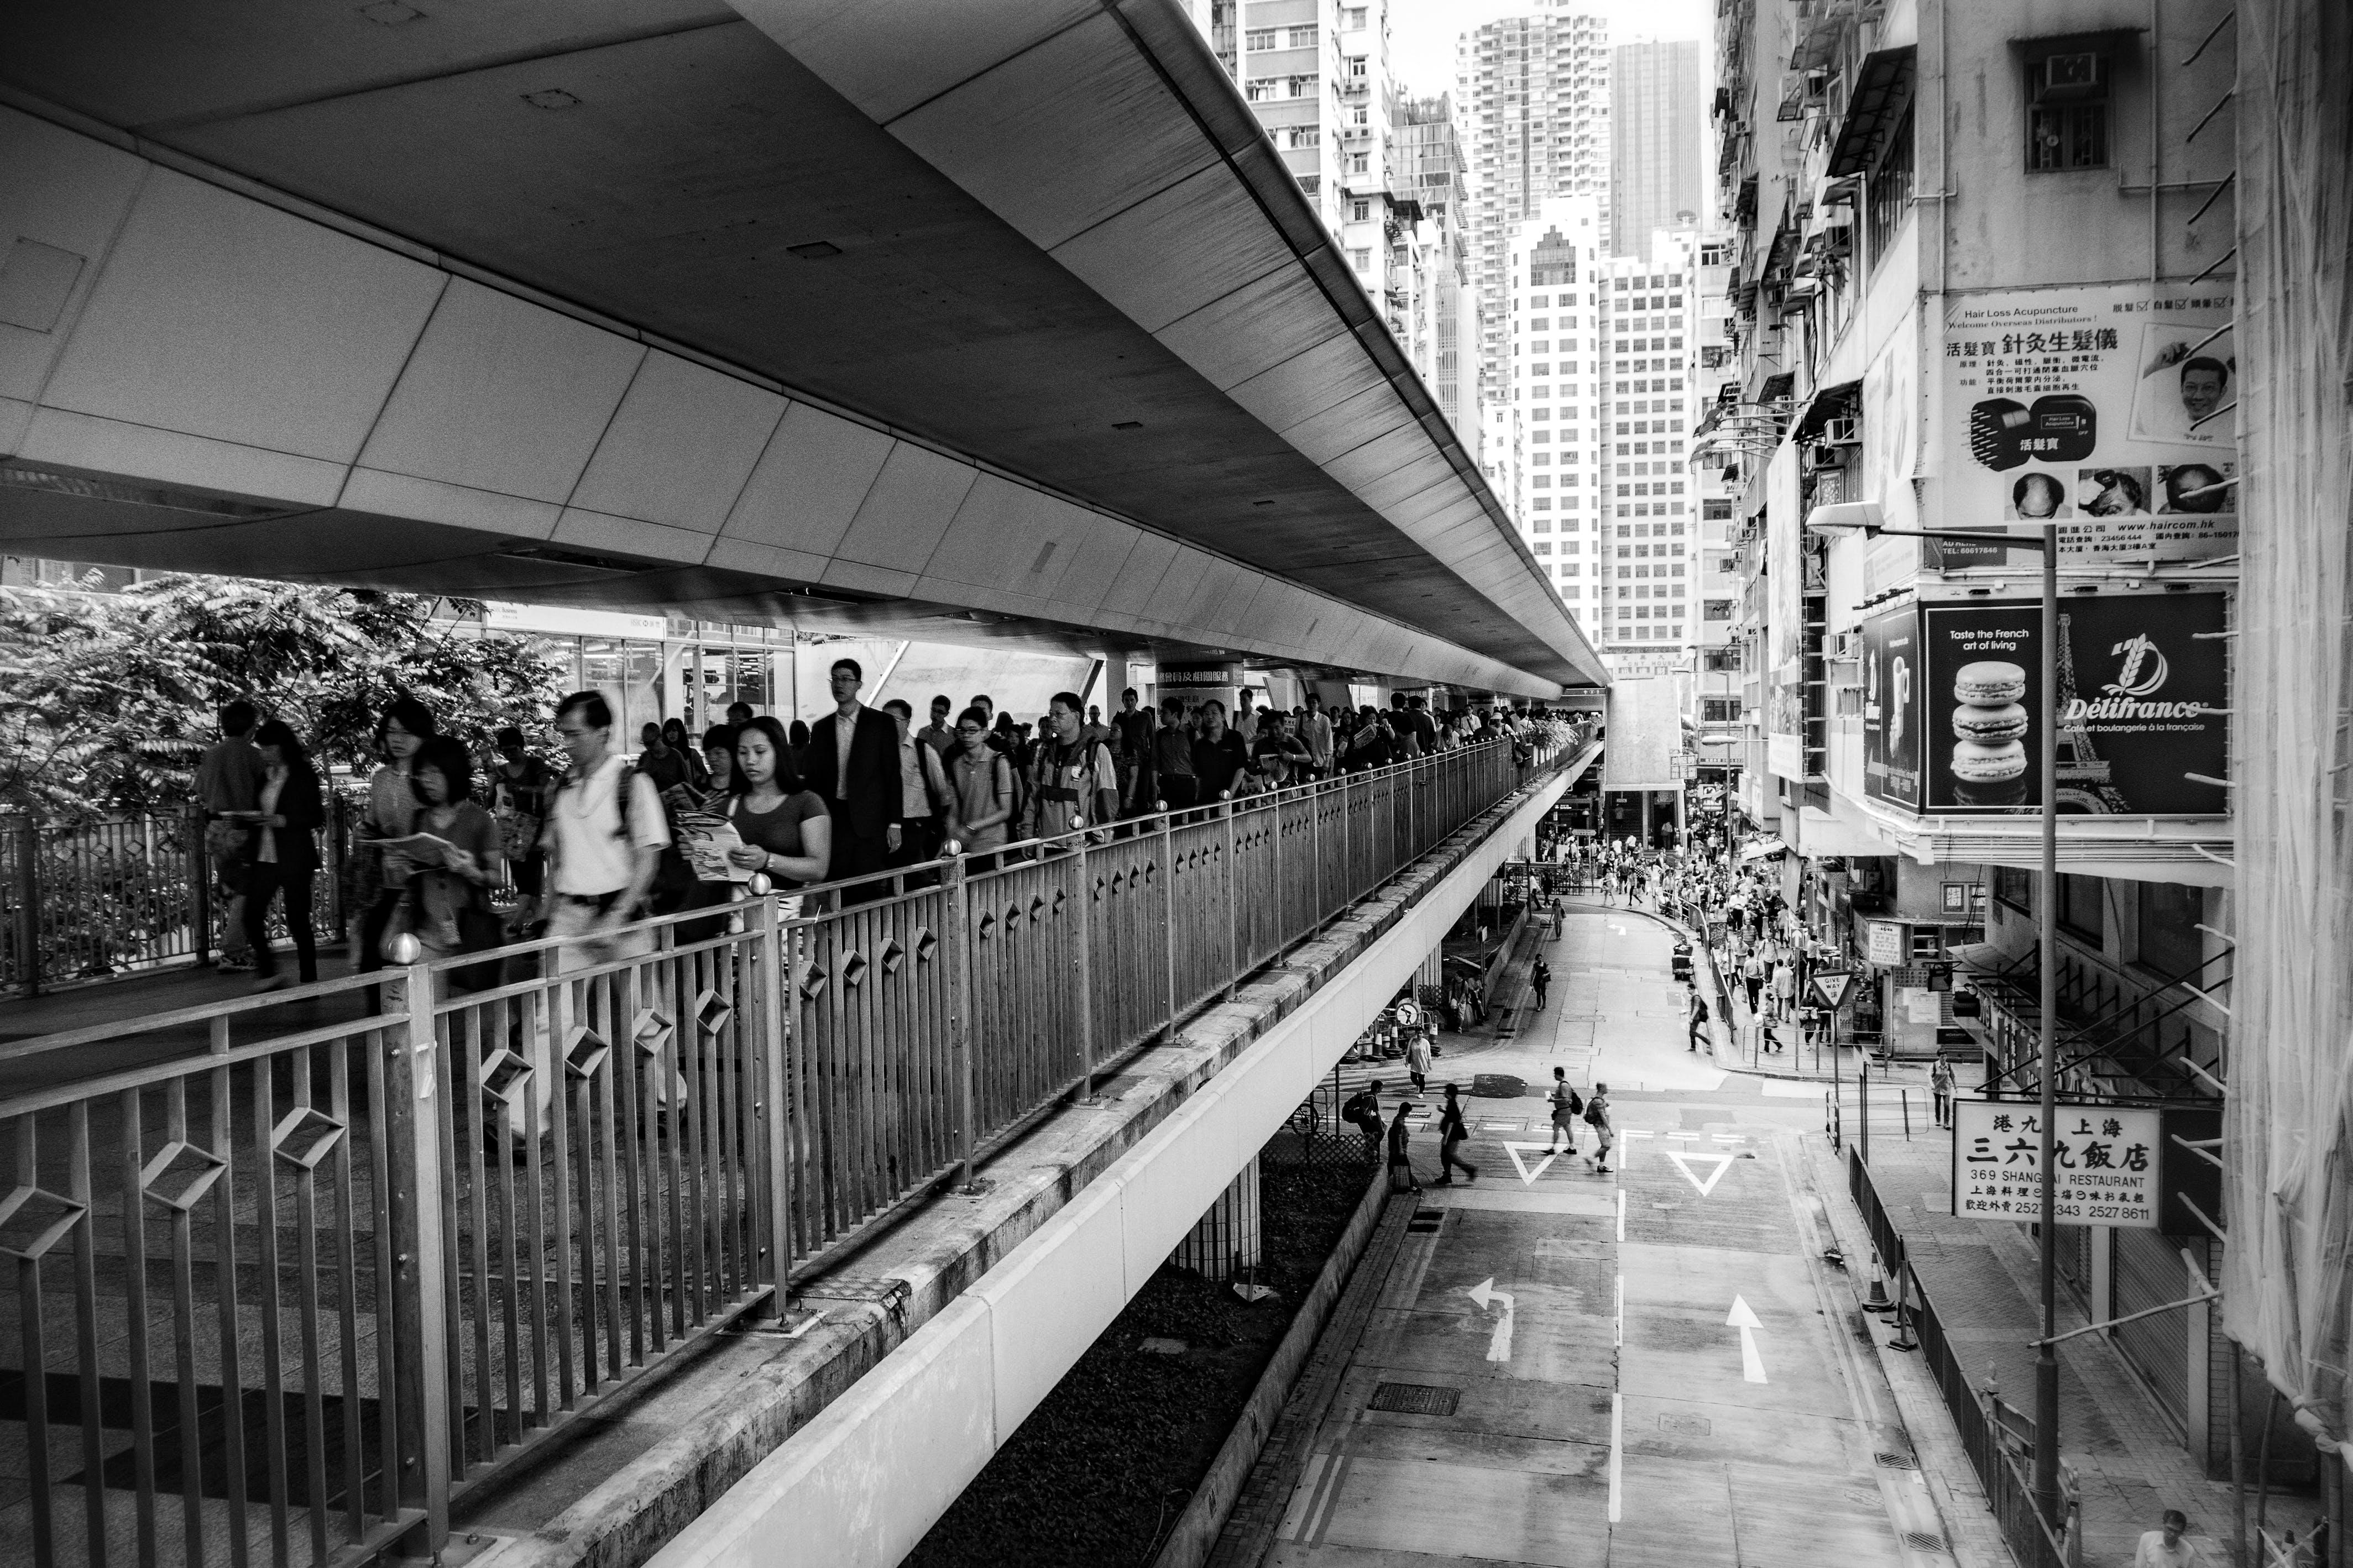 Kostnadsfri bild av arkitektur, butiker, byggnader, folkmassa